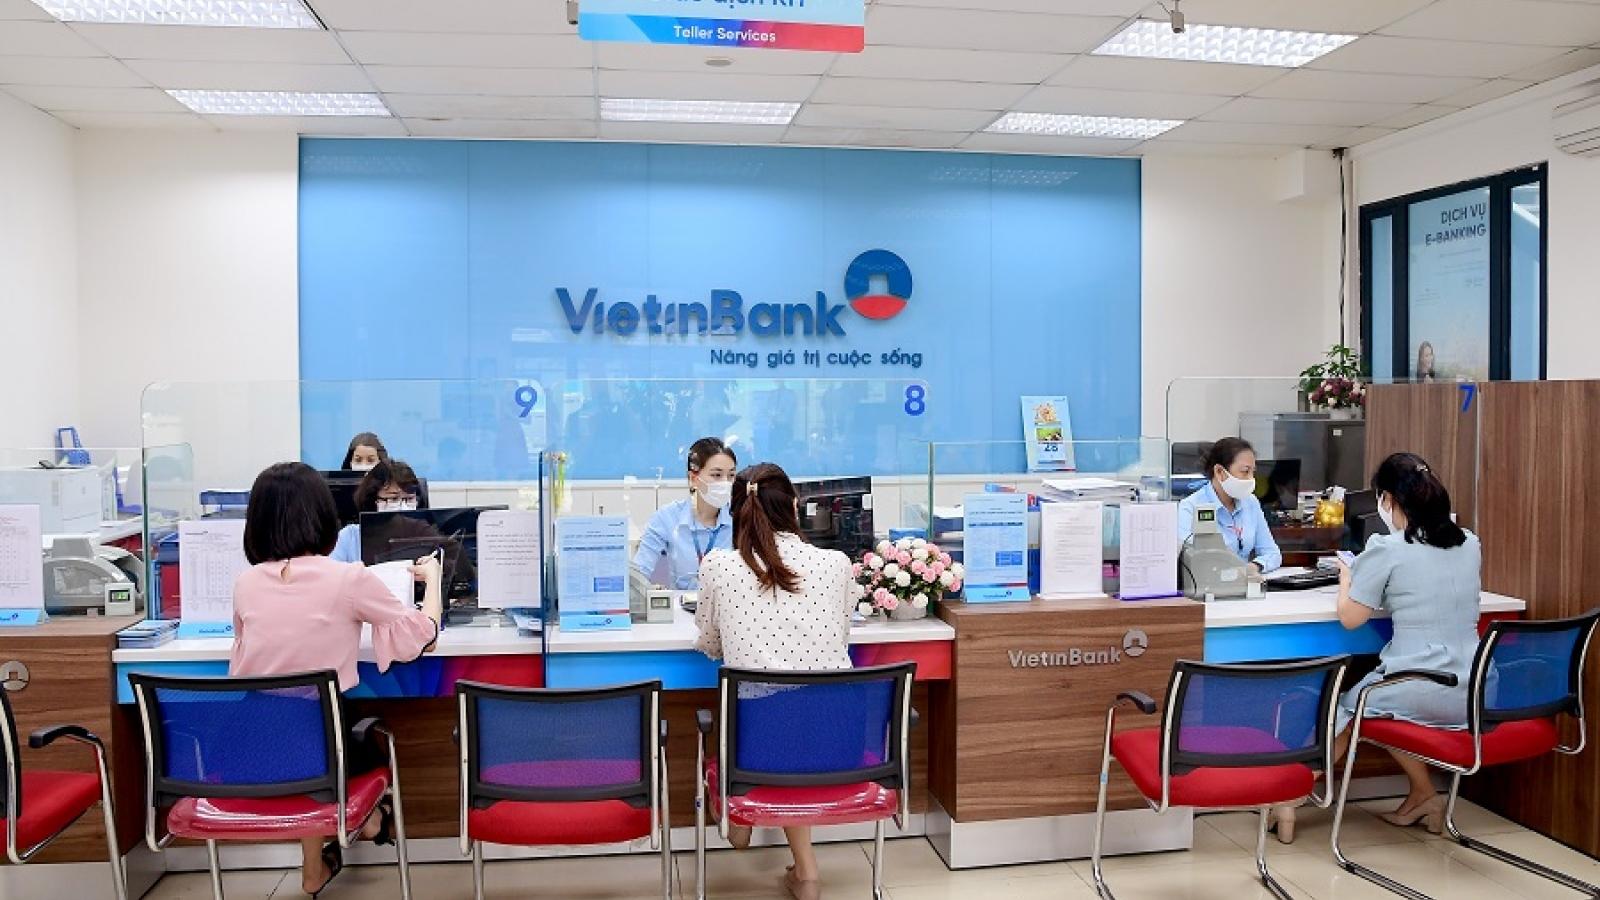 Quý 2, VietinBank nâng cao chất lượng hoạt động, kết quả kinh doanh tích cực